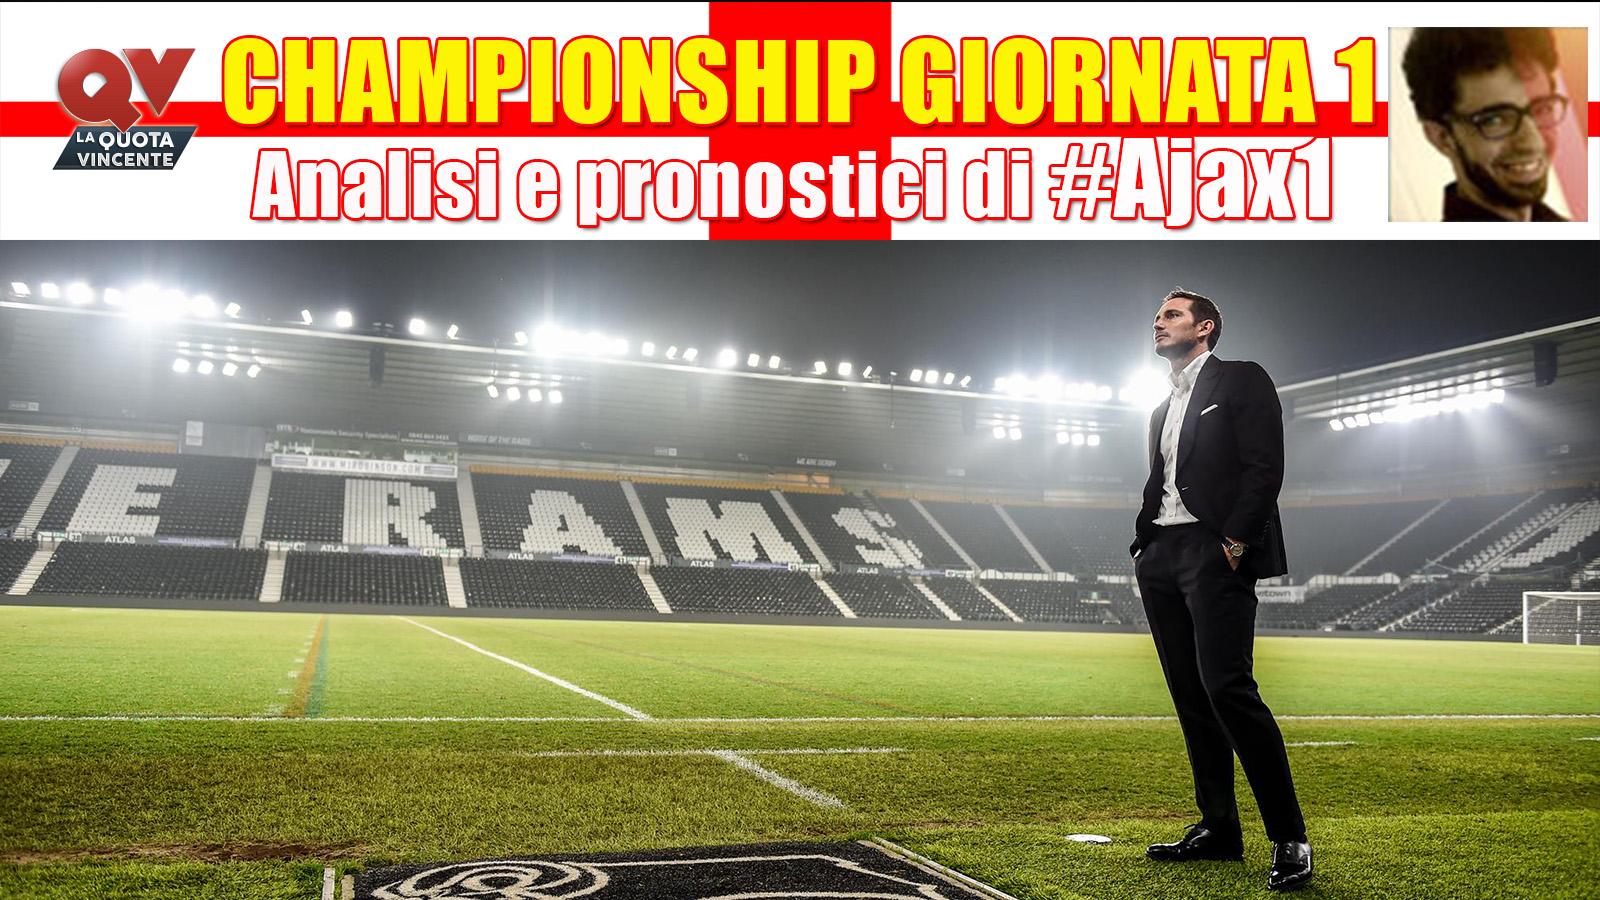 Championship Giornata 1